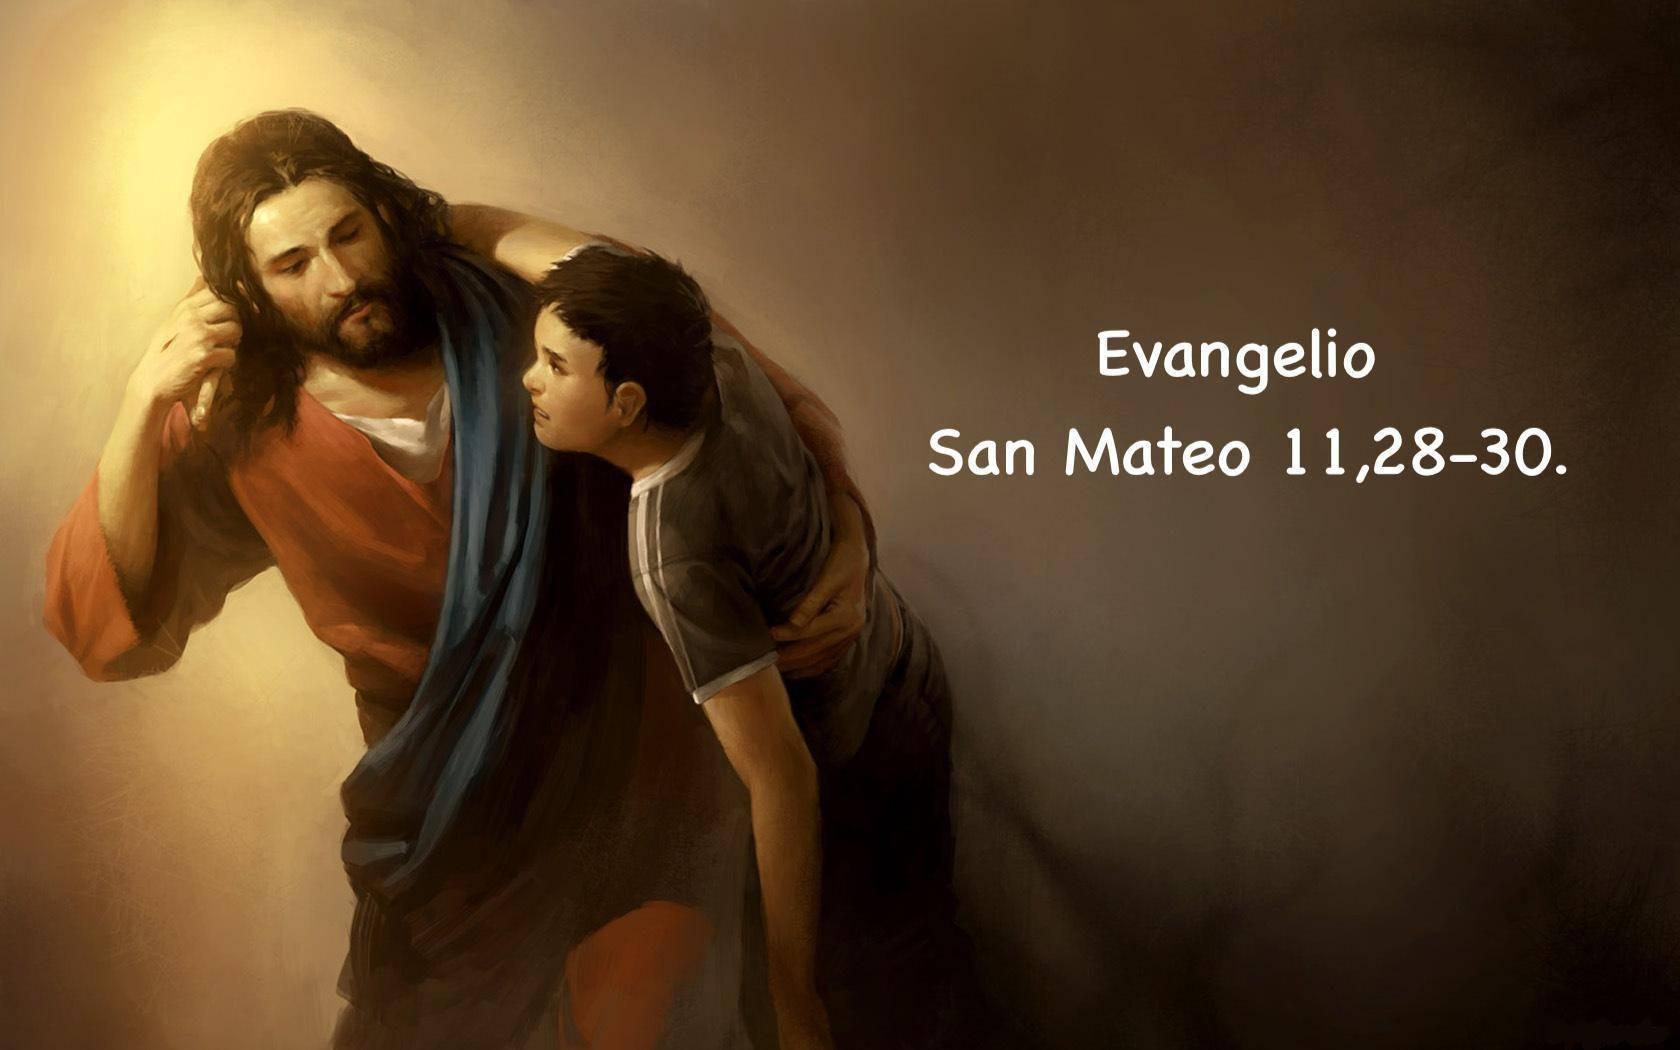 San Mateo 11,28-30.